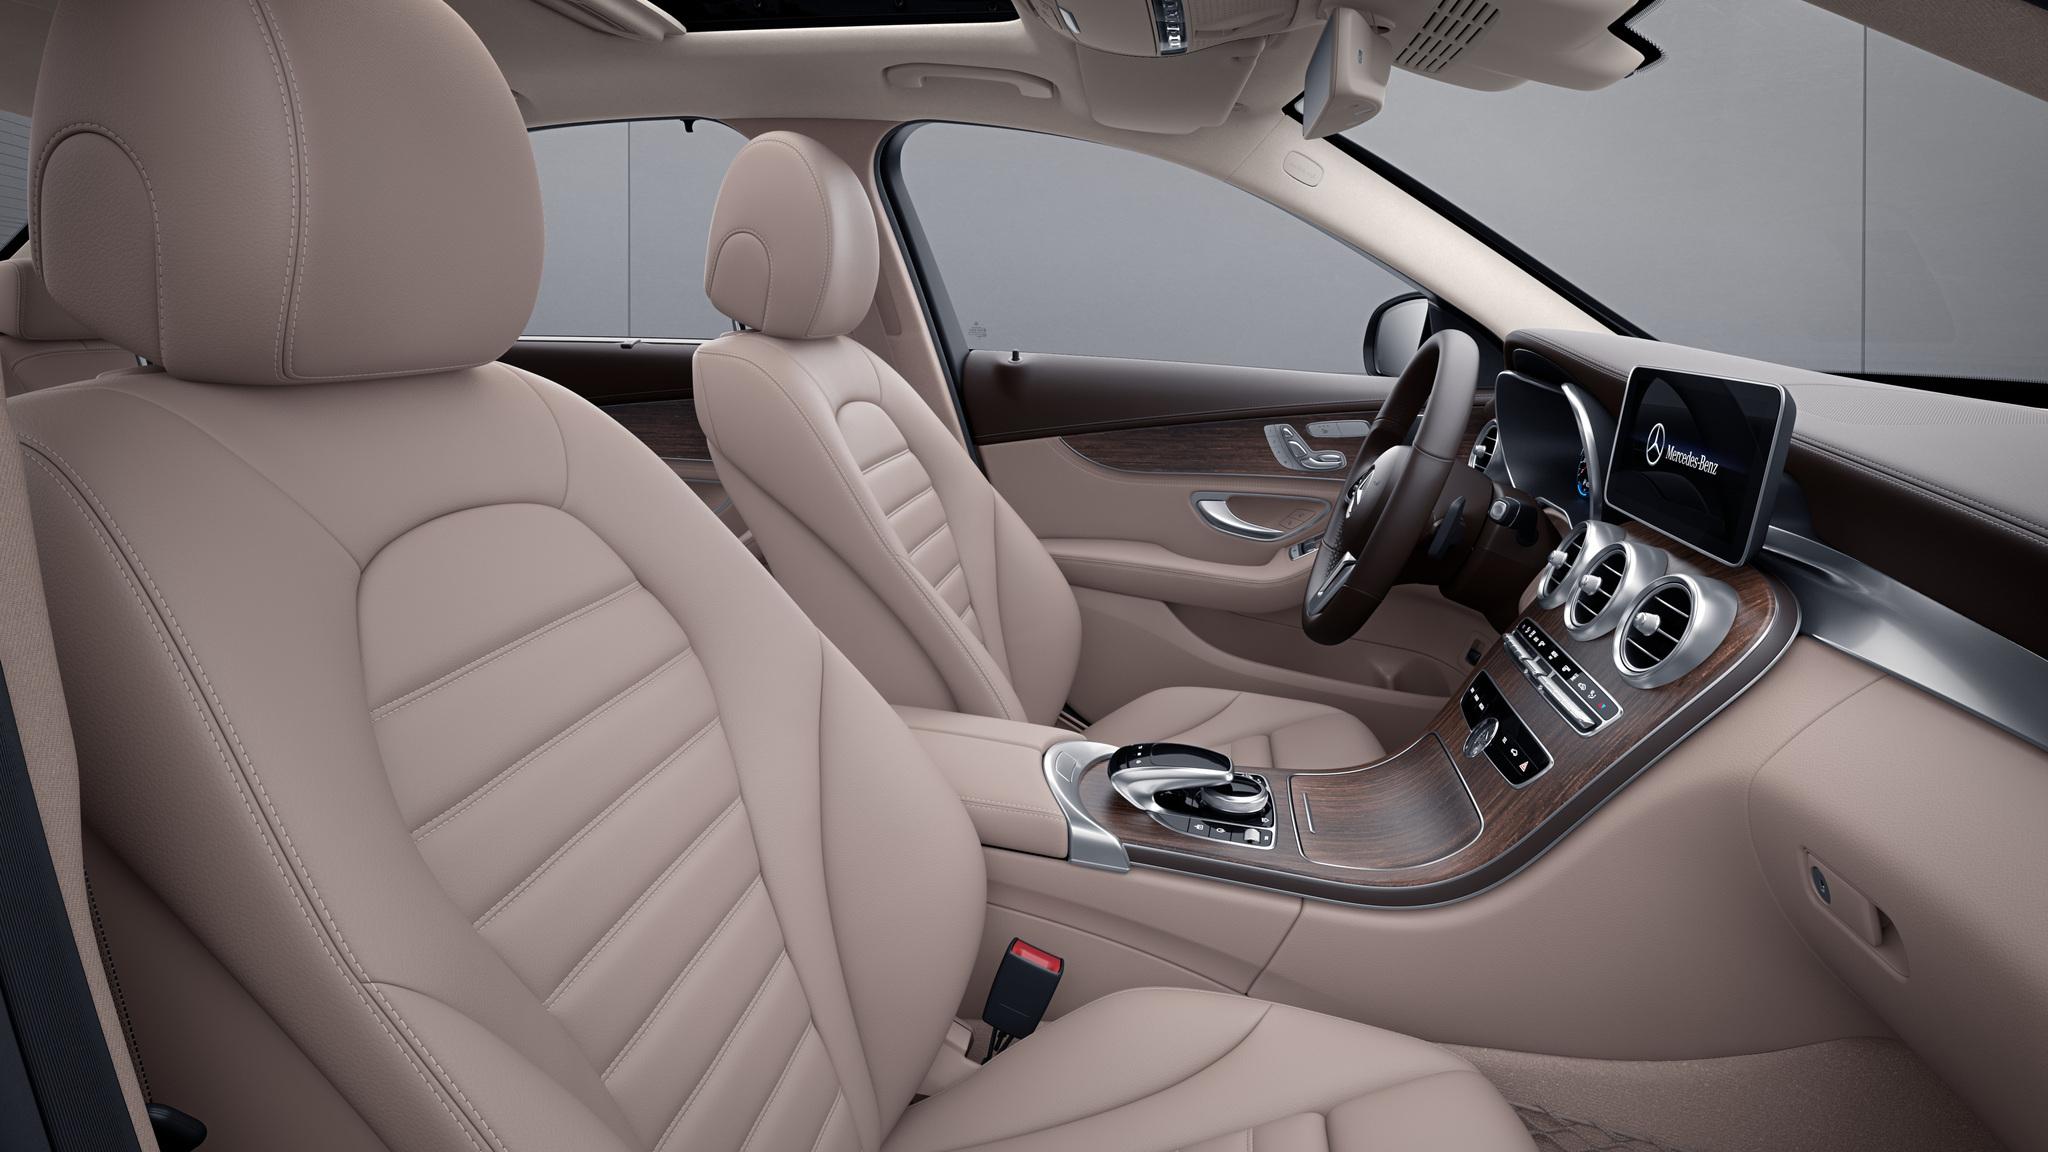 Habitacle de la Mercedes Classe C Berline avec une Sellerie Cuir - beige soie naturelle  marron expresso